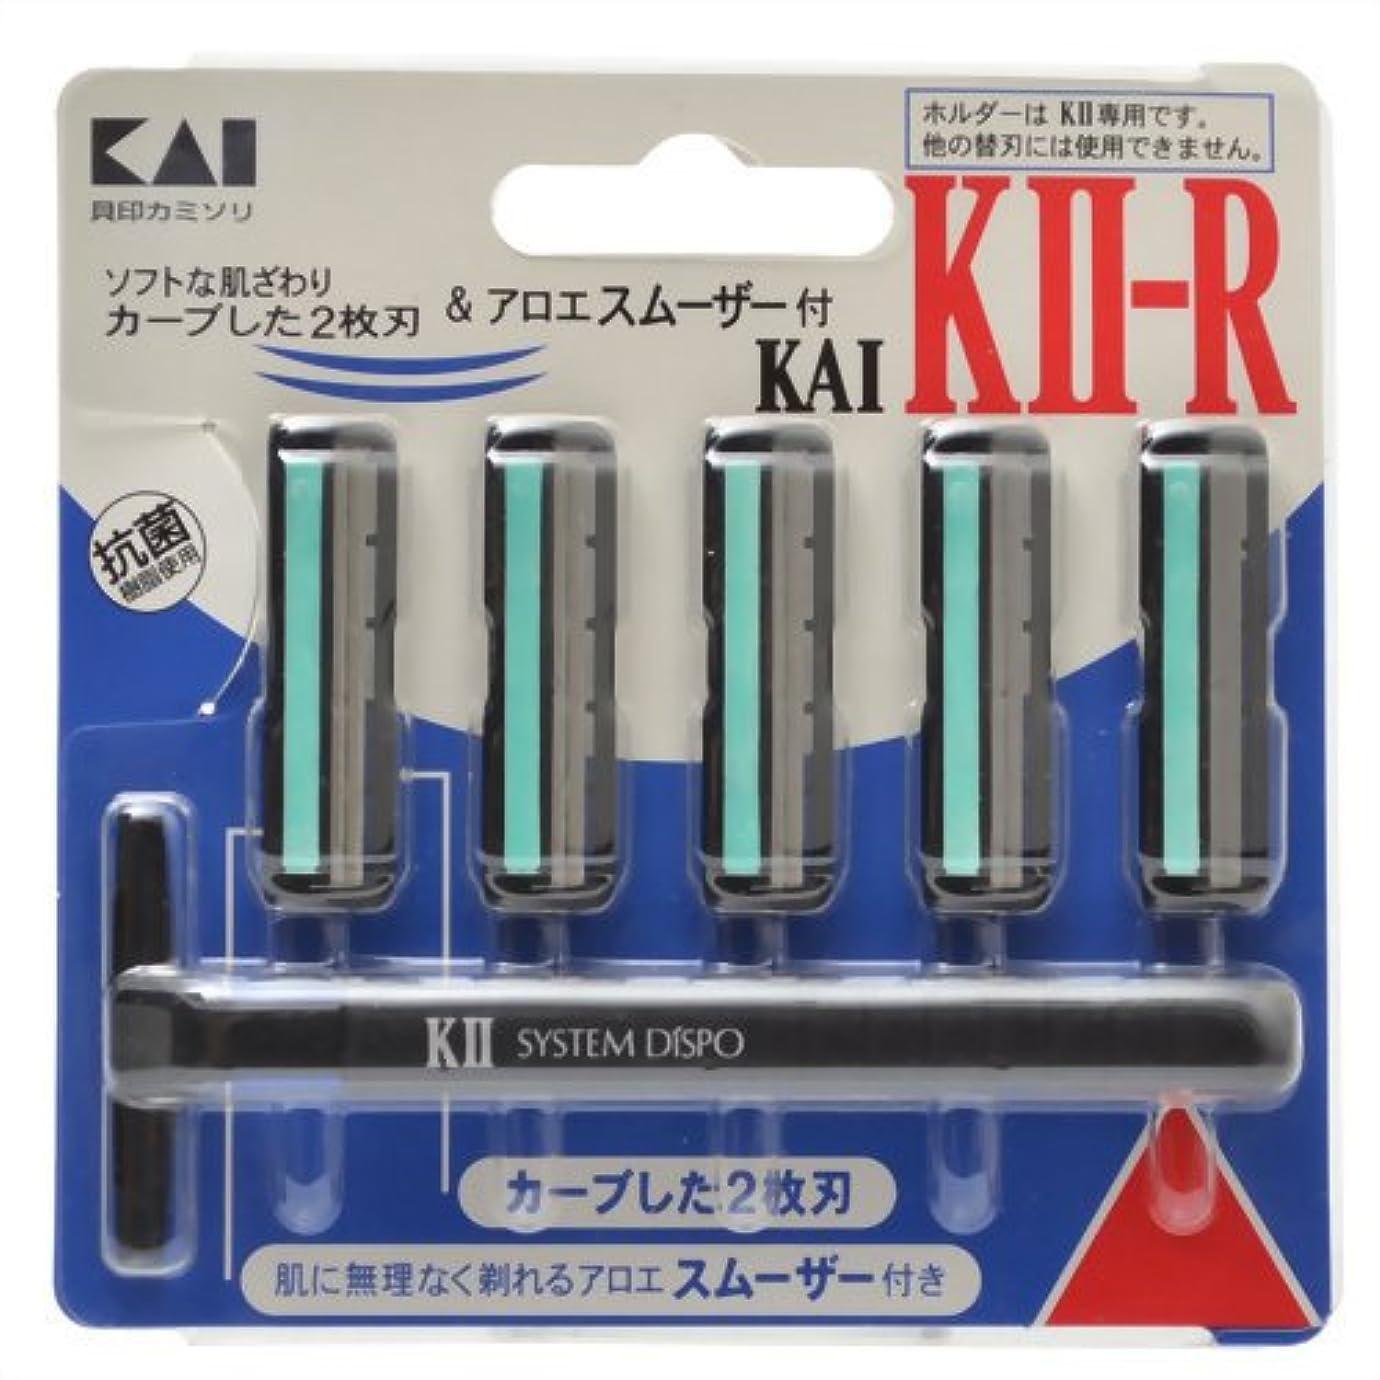 シリアルクライストチャーチサイレント貝印 KAI KII-R ひげそり用カミソリ アロエスムーザー付